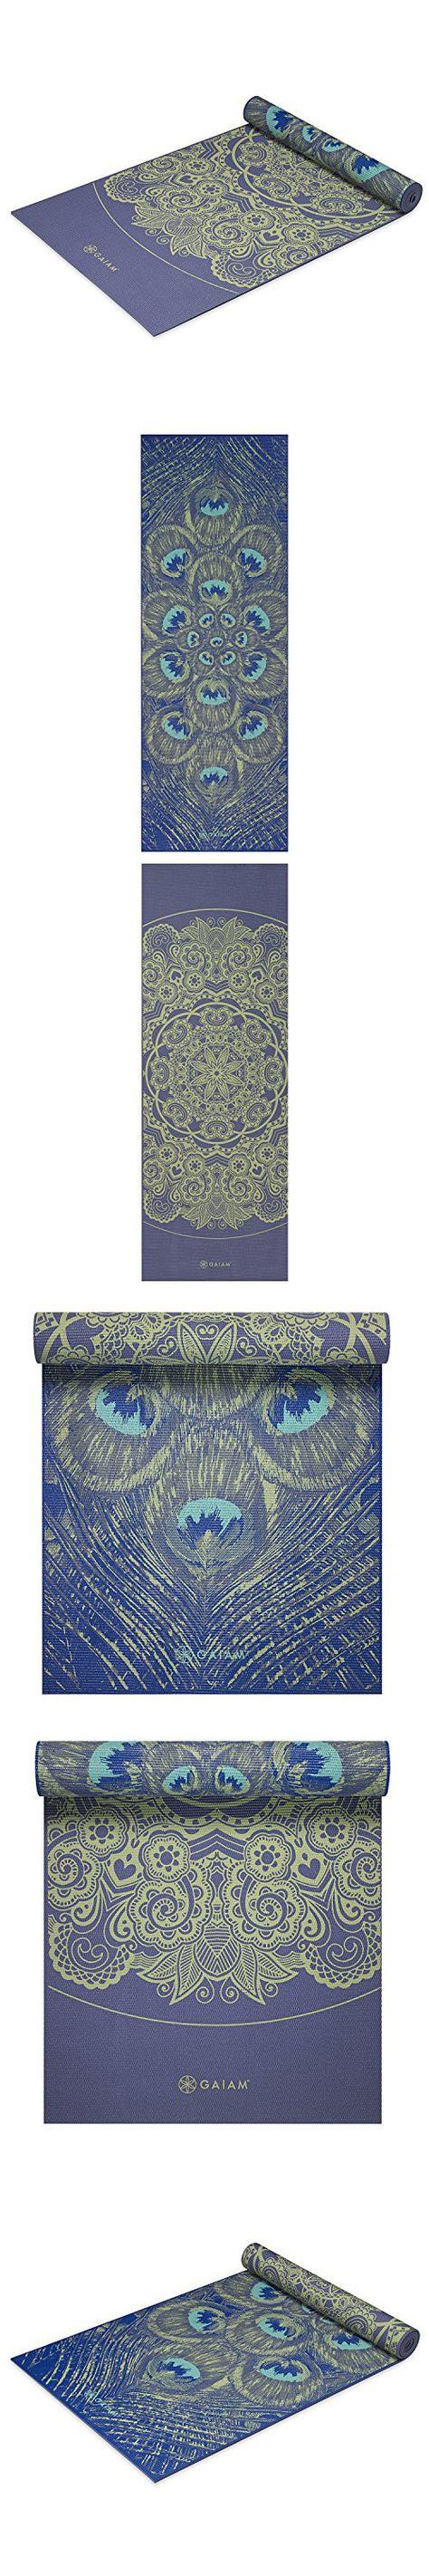 Gaiam Premium Print Reversible Yoga Mat Peacock Lace 5 6mm Premium Print Yoga Mat Gaiam